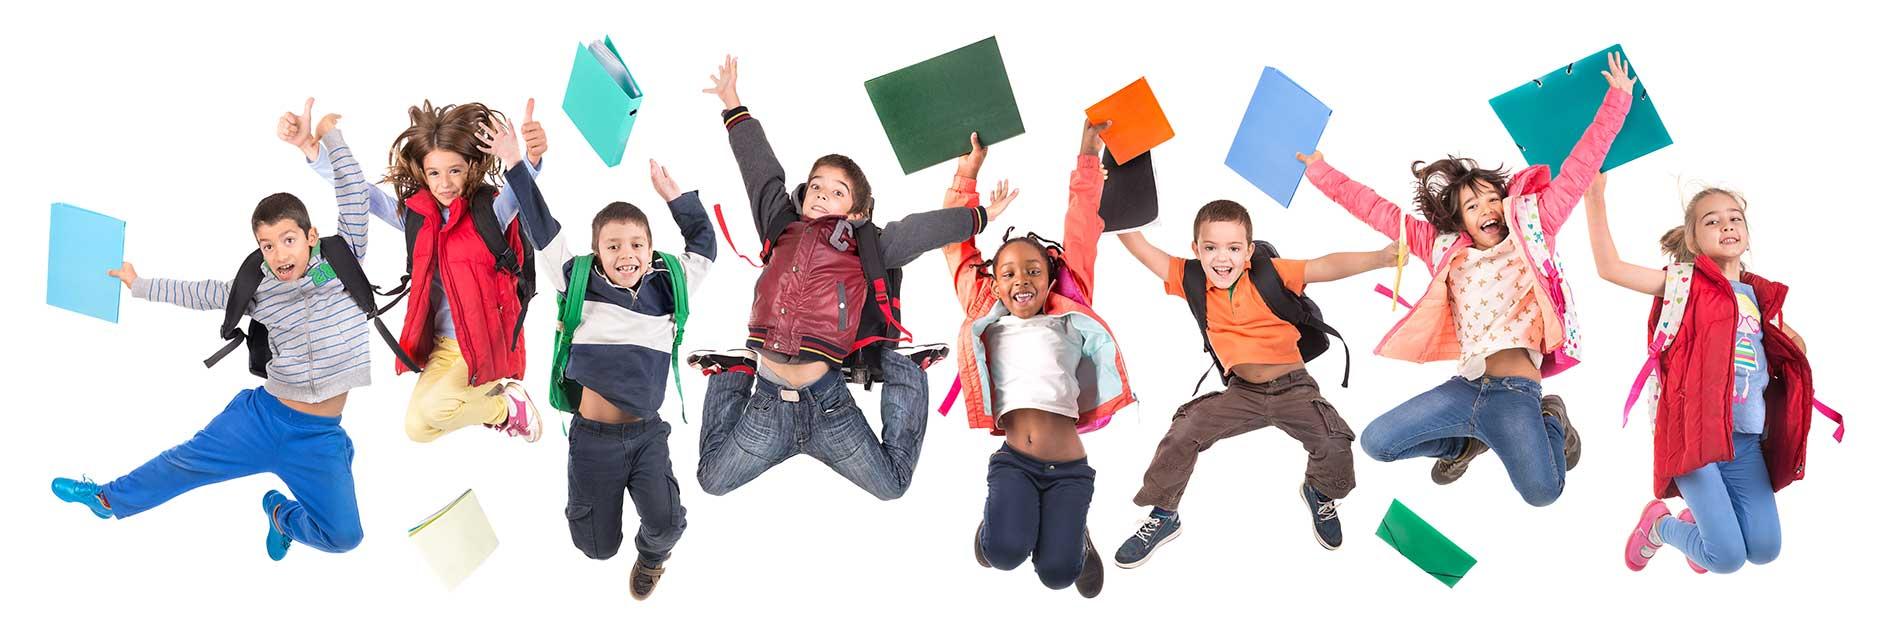 NJ Kids School Guide